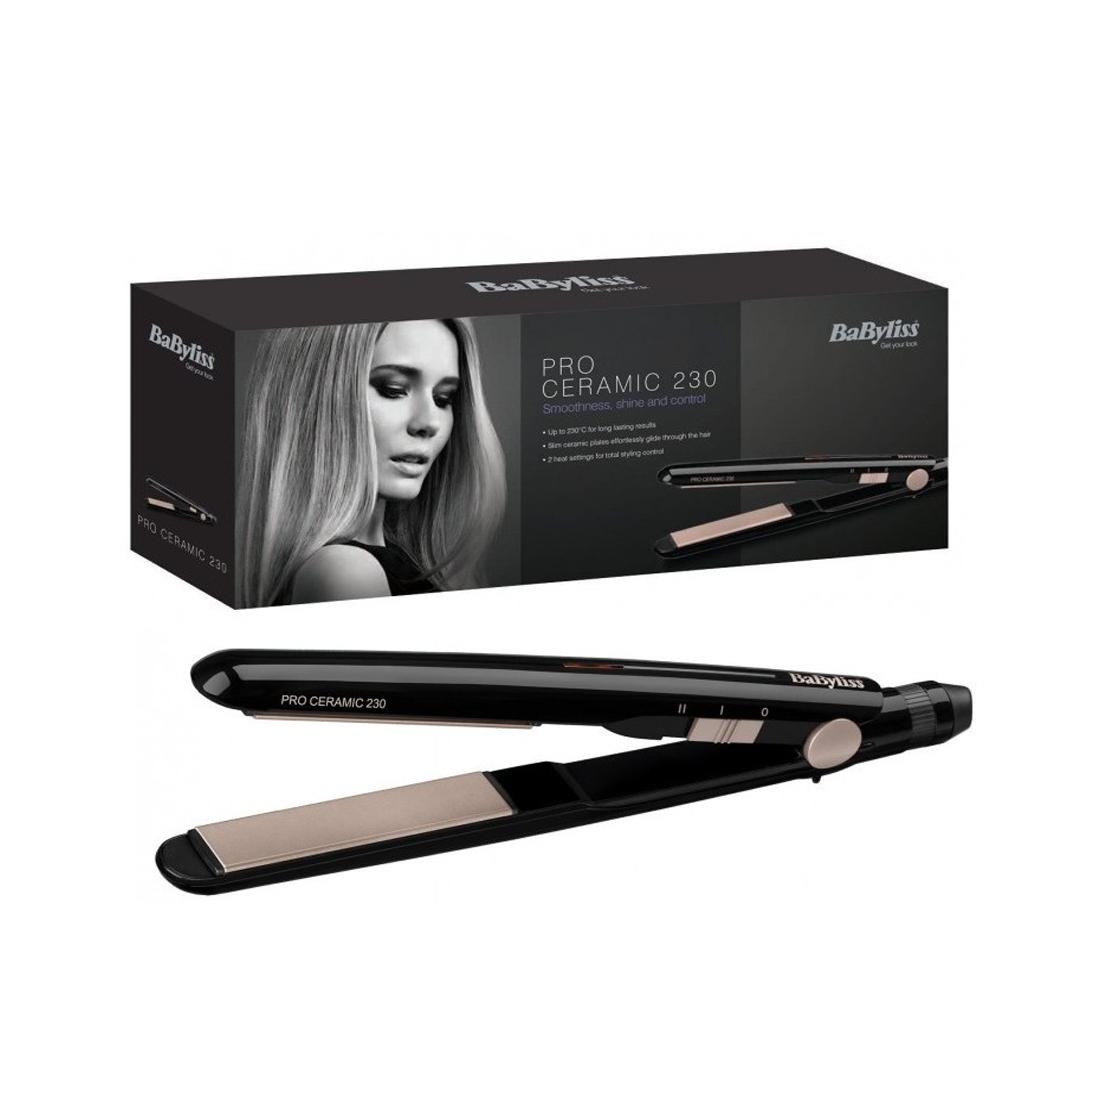 Details about Brand New Ladies BABYLISS 2069U Pro Ceramic 230 Hair Straightener